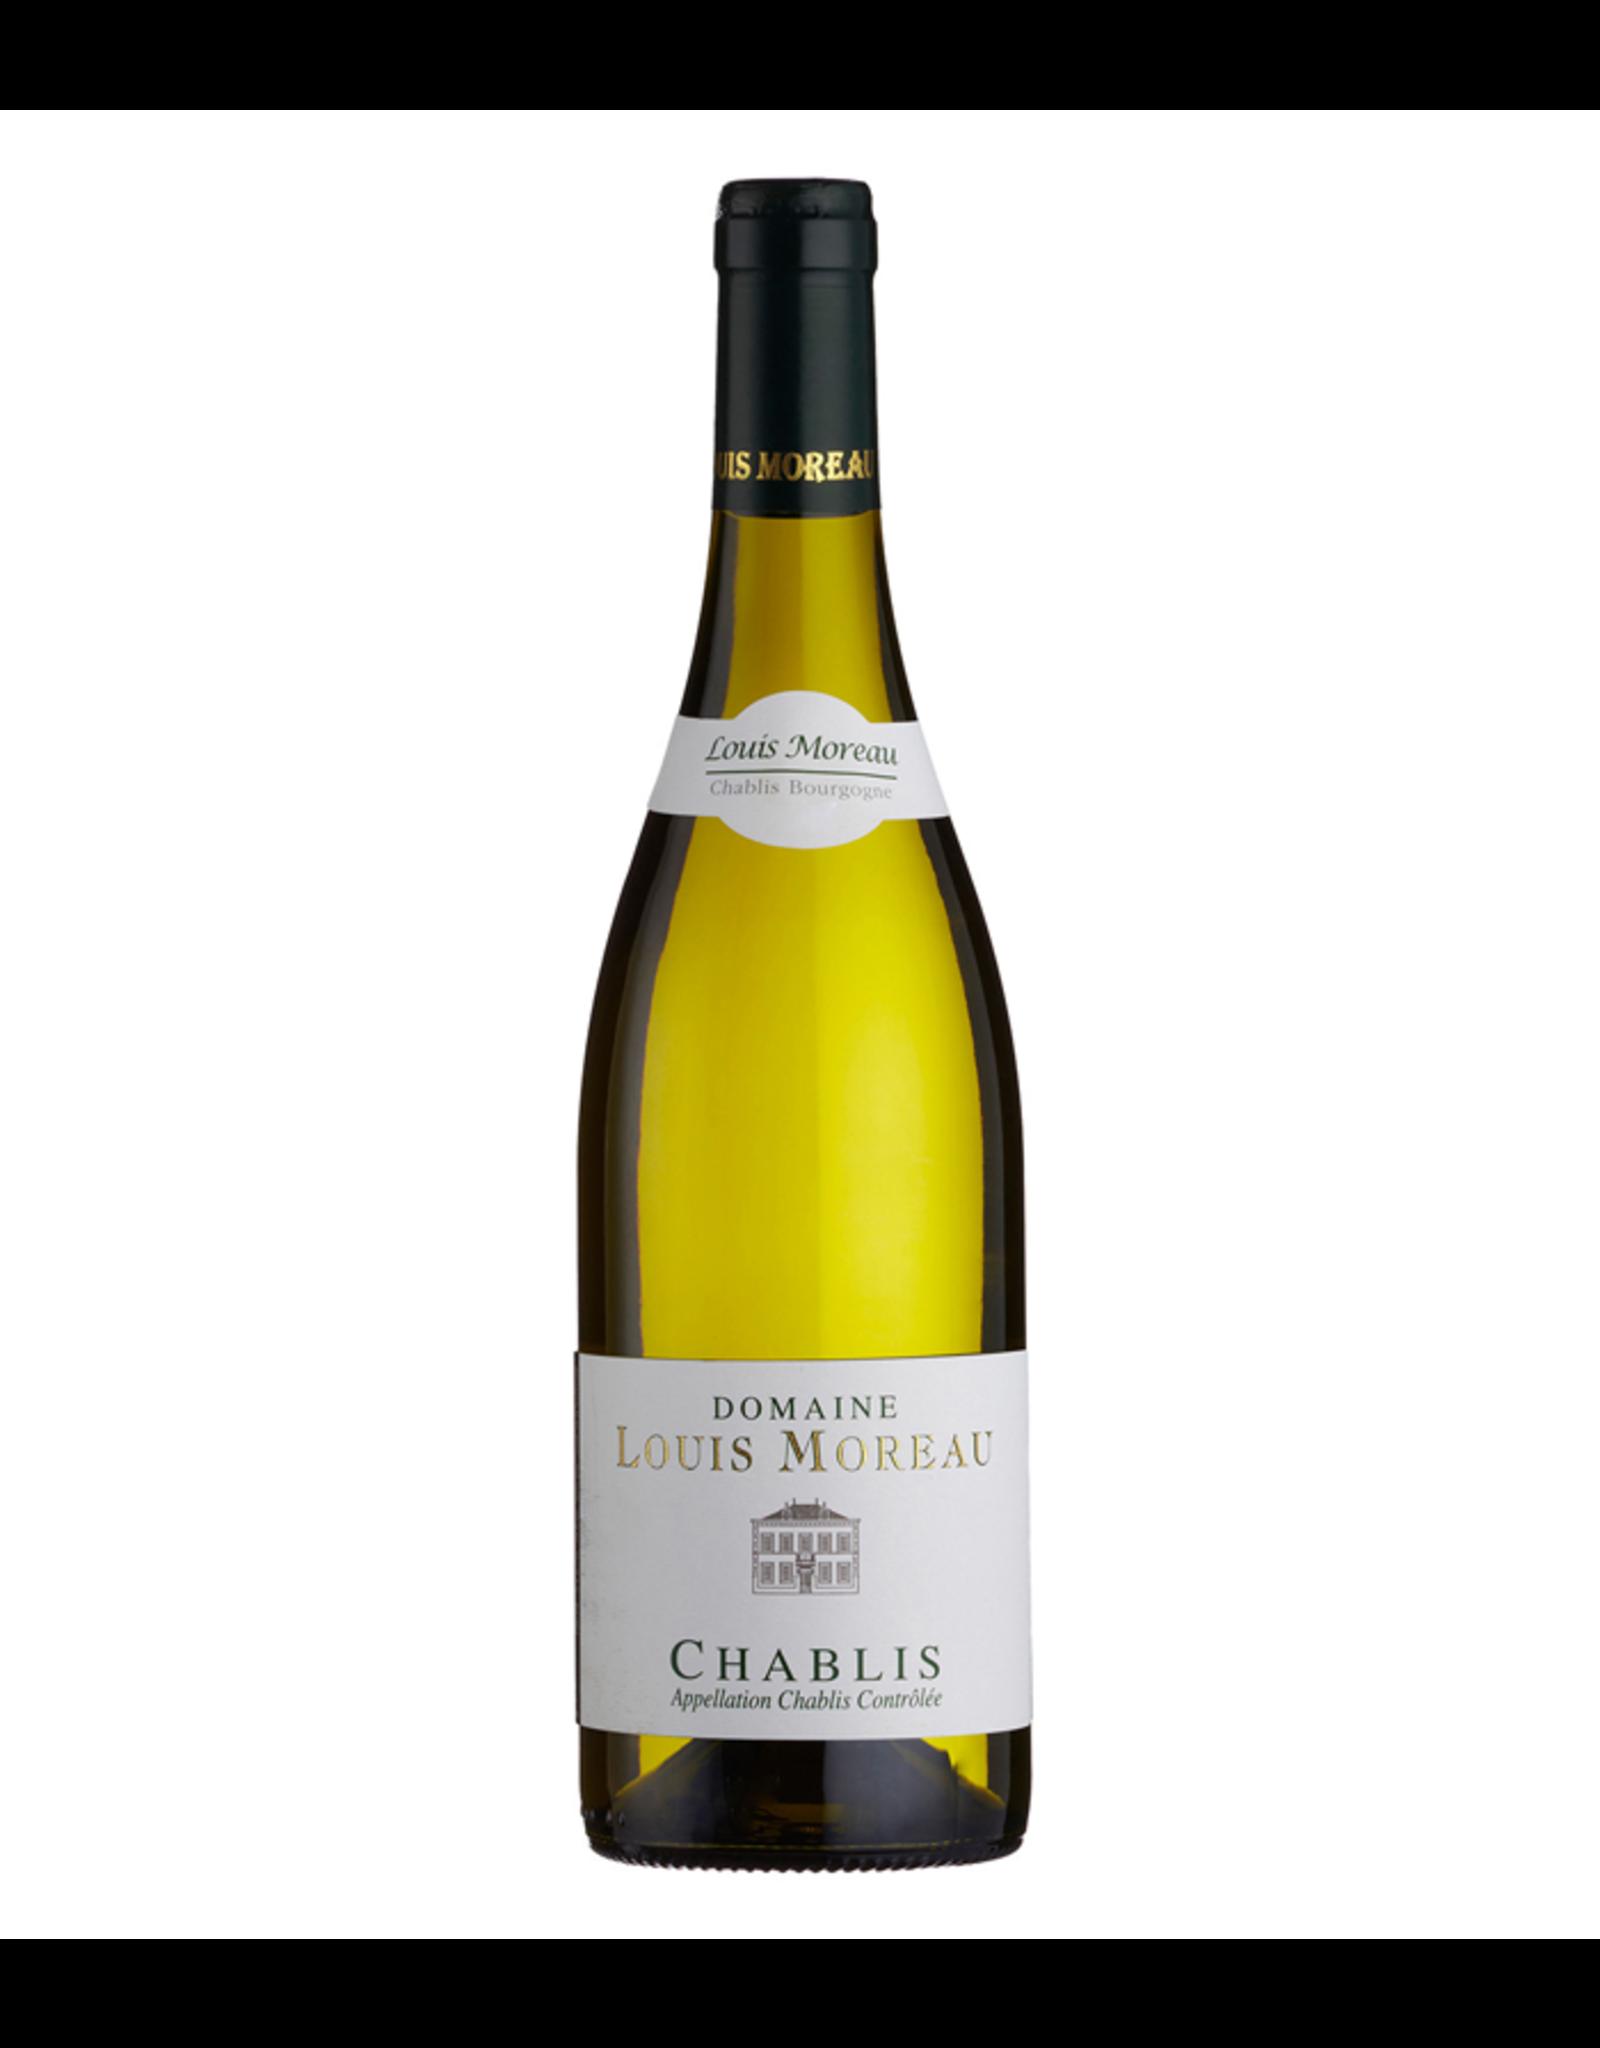 Domaine Louis Moreau Chablis 2018